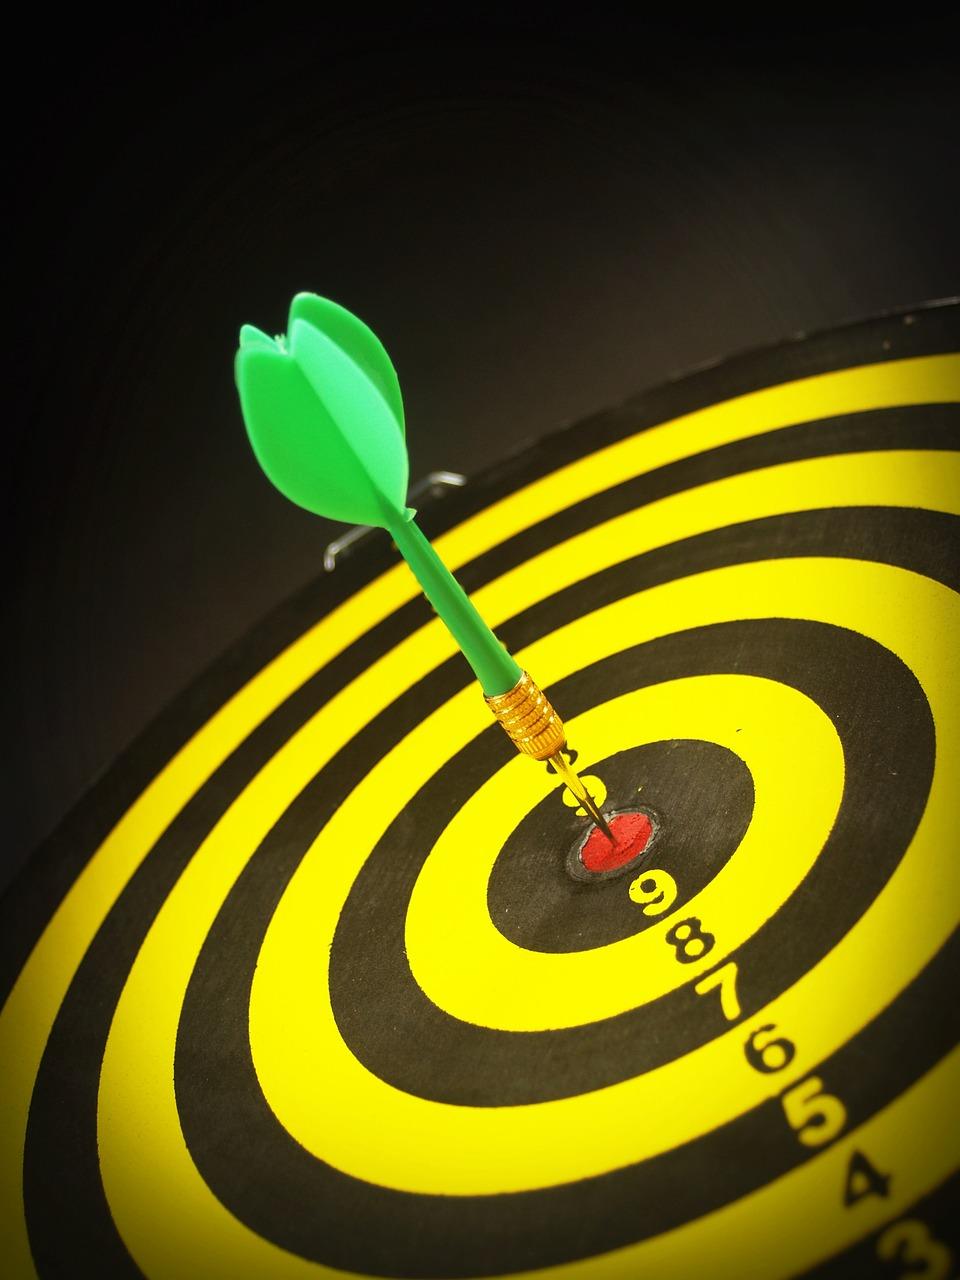 target-1551504_1280